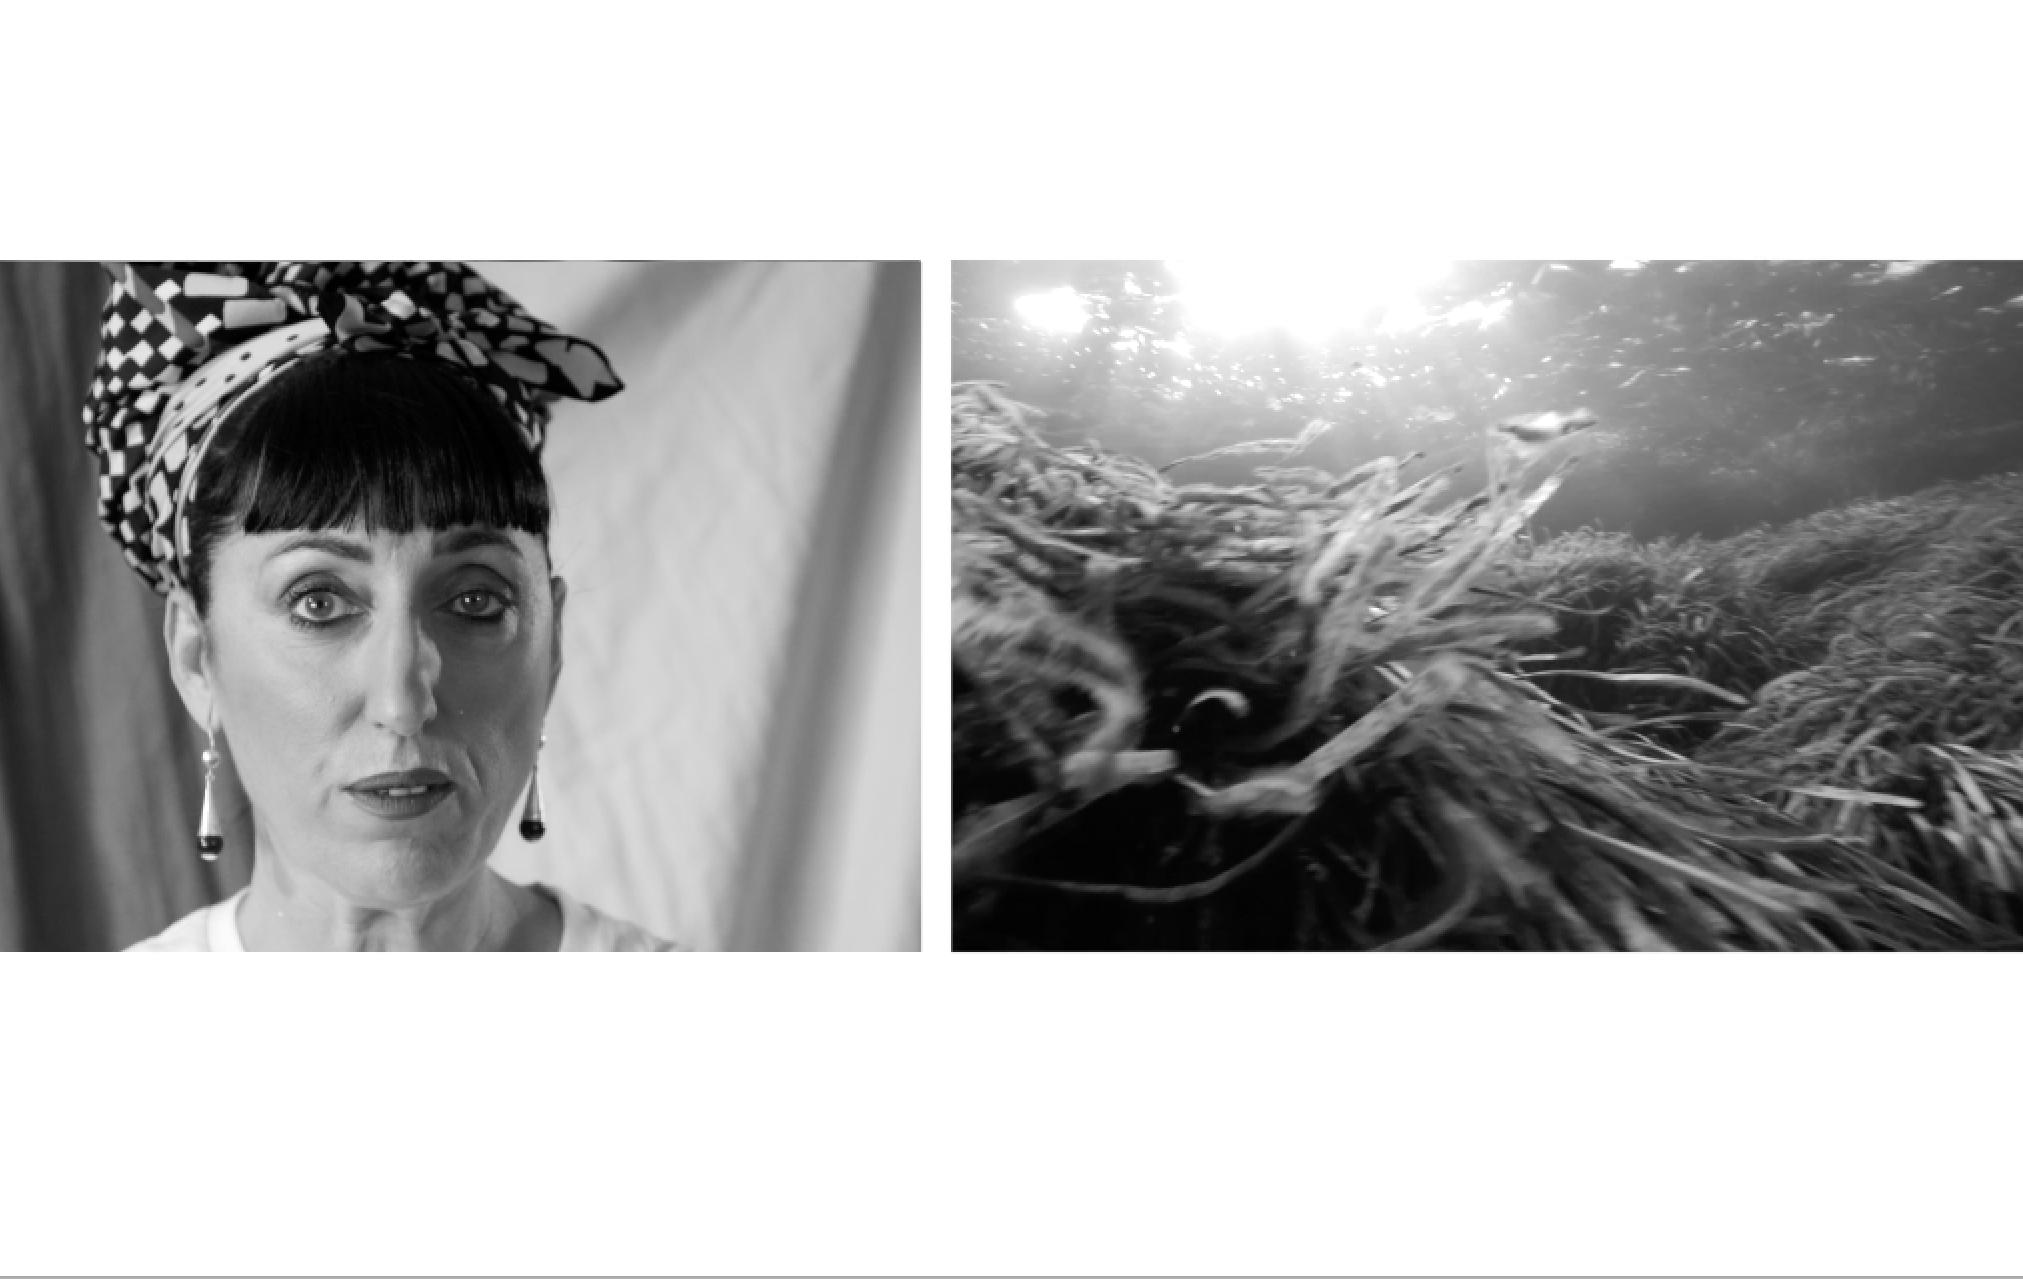 LOEWE Perfumes une a actores, cantantes, influencers, chefs y empresarios en una acción de crowdfunding para la preservación del Mediterráneo y la Posidonia, en colaboración con la Asociación Vellmarí